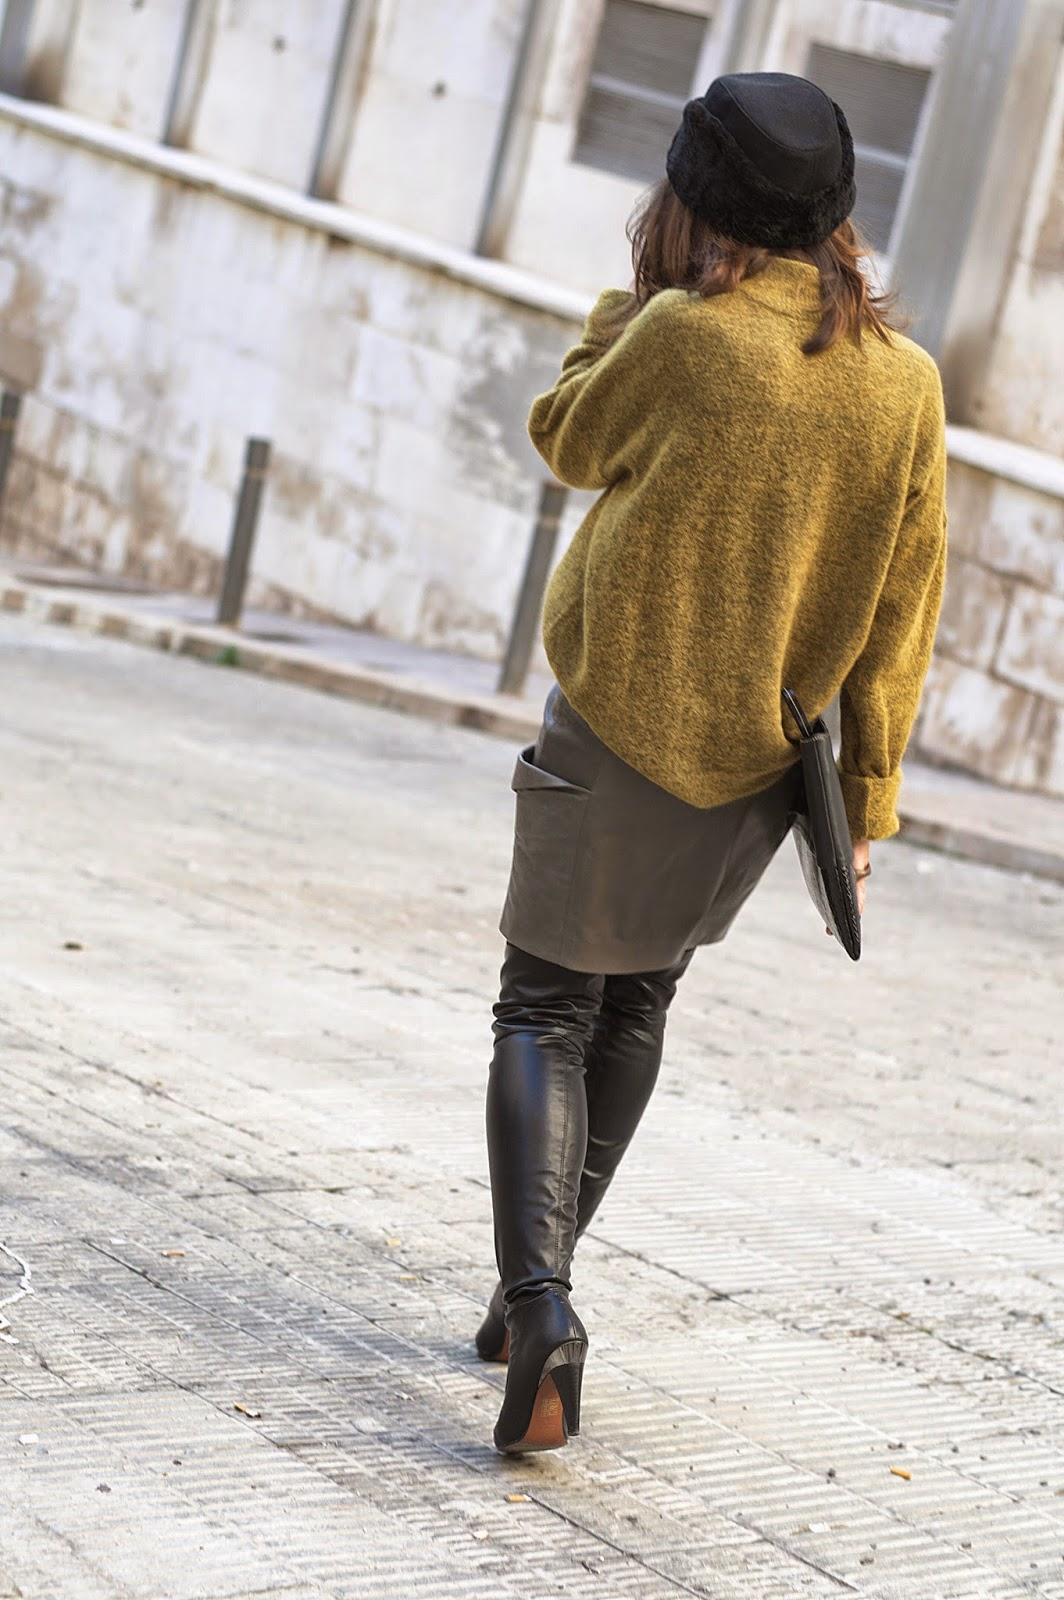 gorro, abrigo, jersey H&M studio, falda piel Toni Francesc, botas altas Bimba y Lola